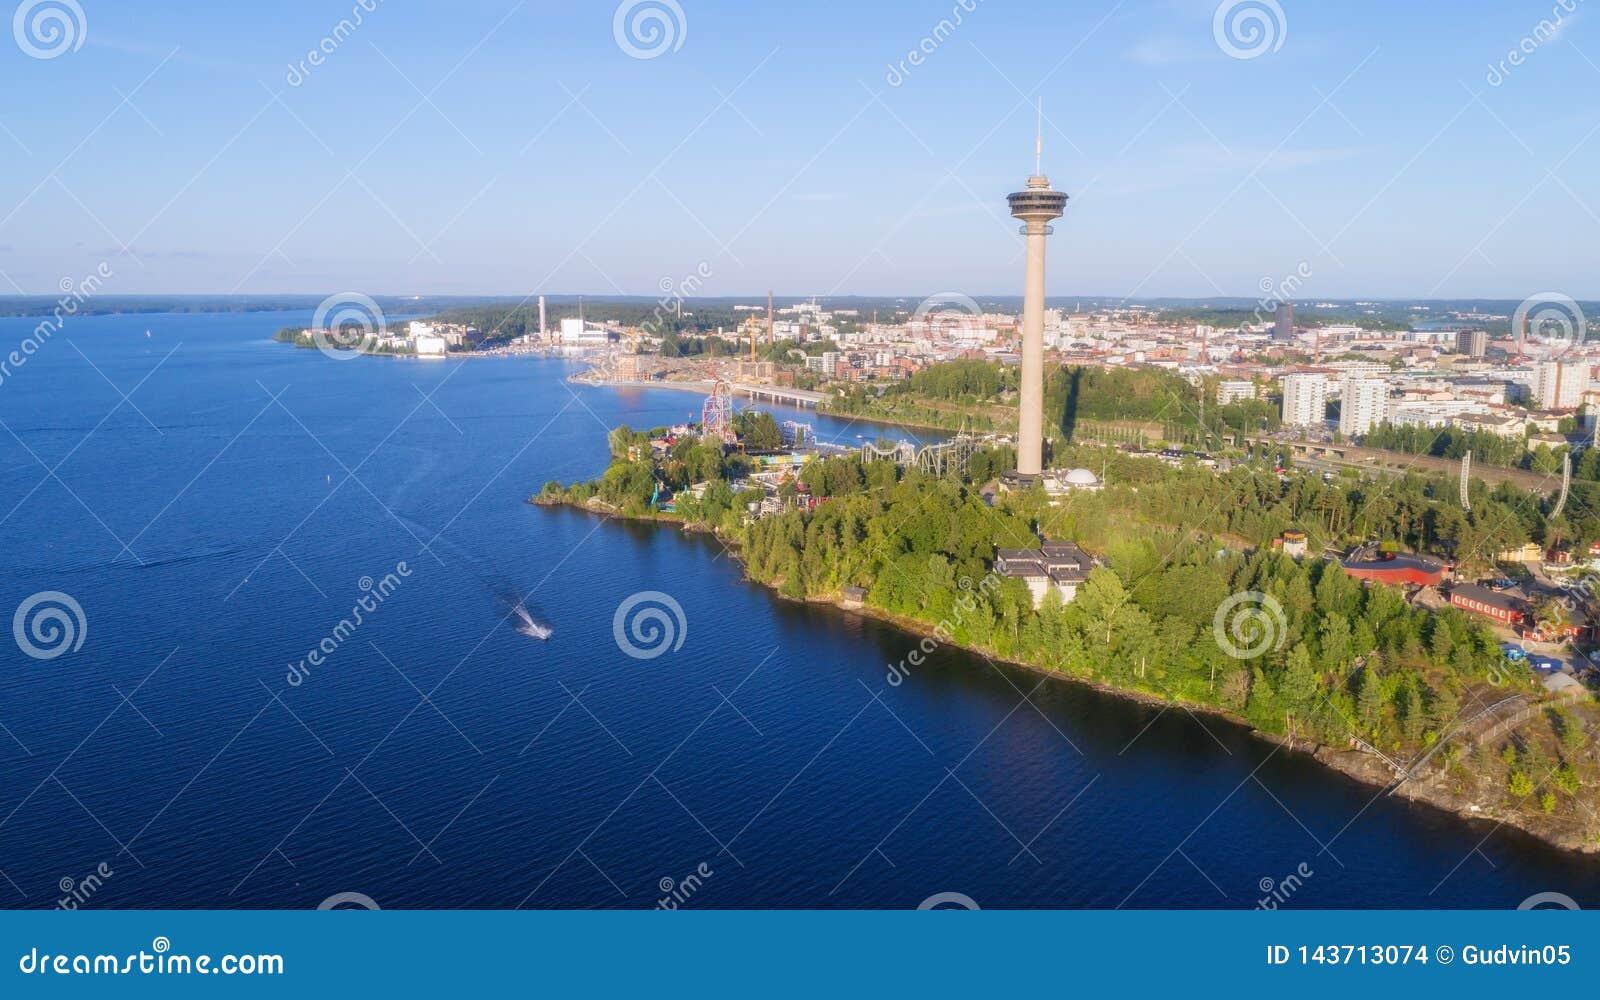 Vista aérea do lago Torre e parque de diversões de observação na costa